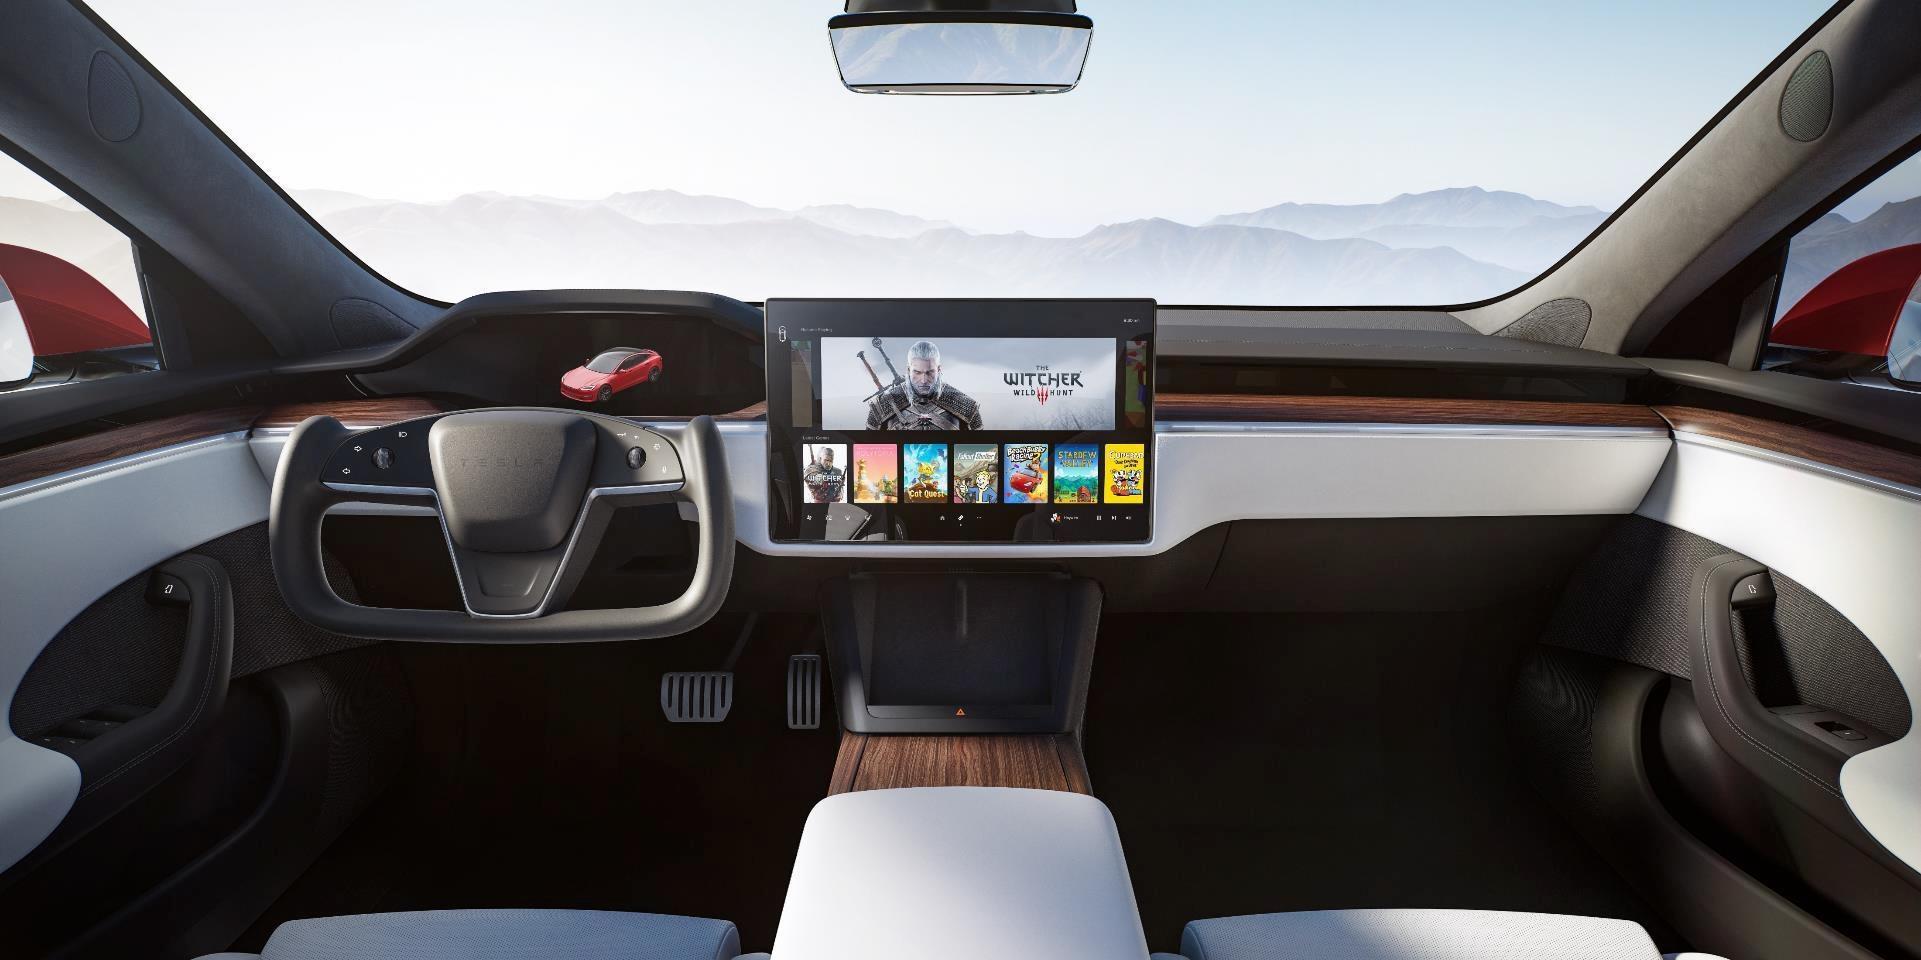 painel do tesla model s 2021 com tela multimidia e volante em forma de manche